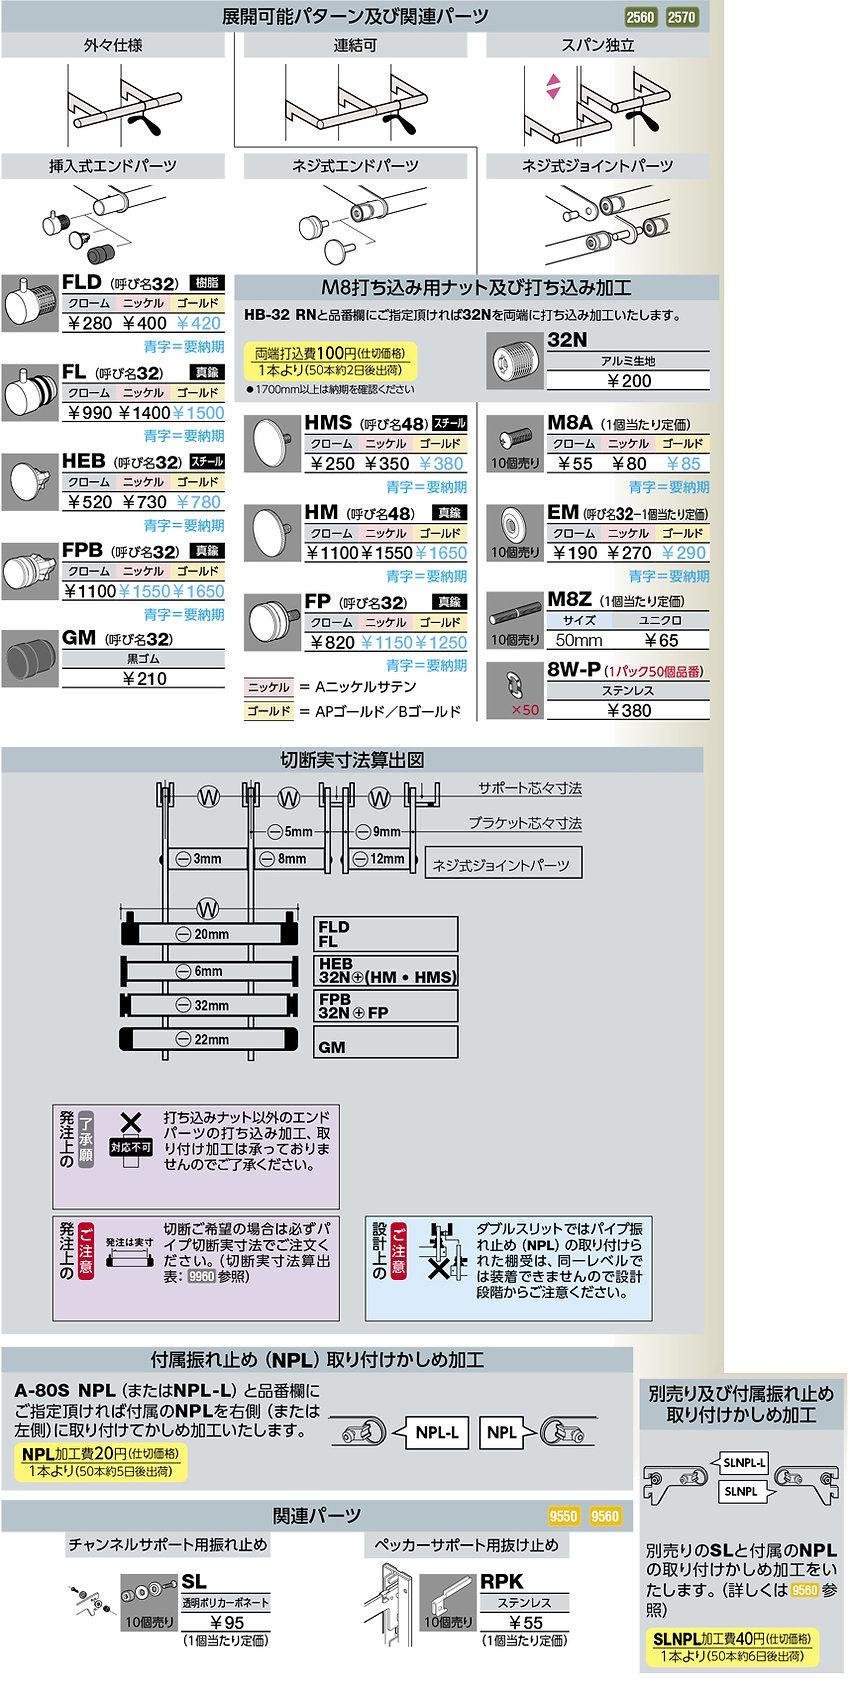 展開可能パターン及び関連BU-78S.jpg